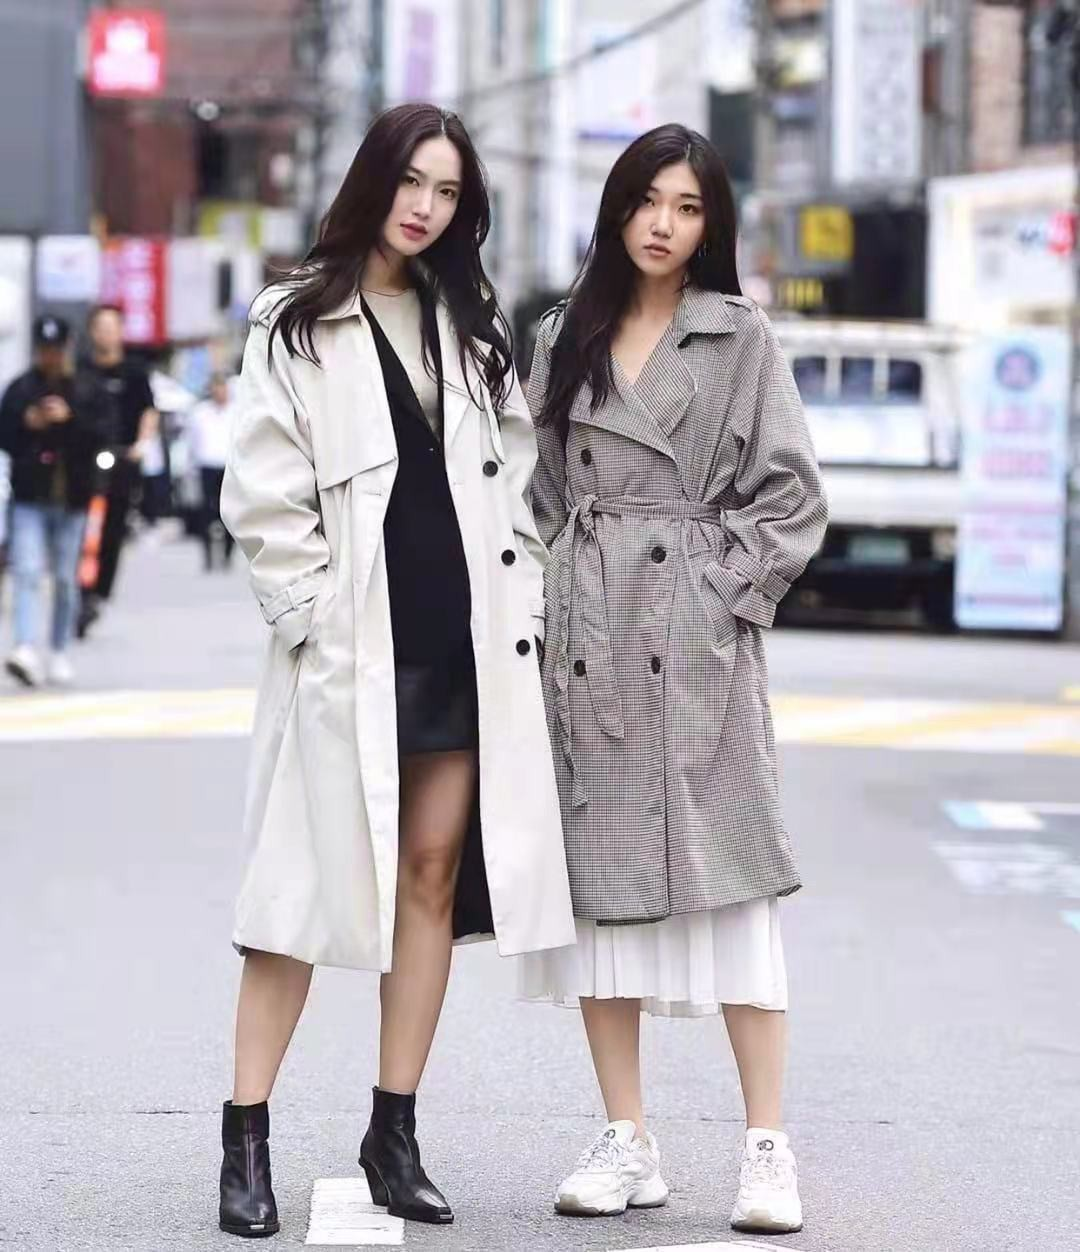 還是韓國街拍最自然,一點也不辣眼睛!穿搭簡約時尚值得借鏡 形象穿搭 第7張